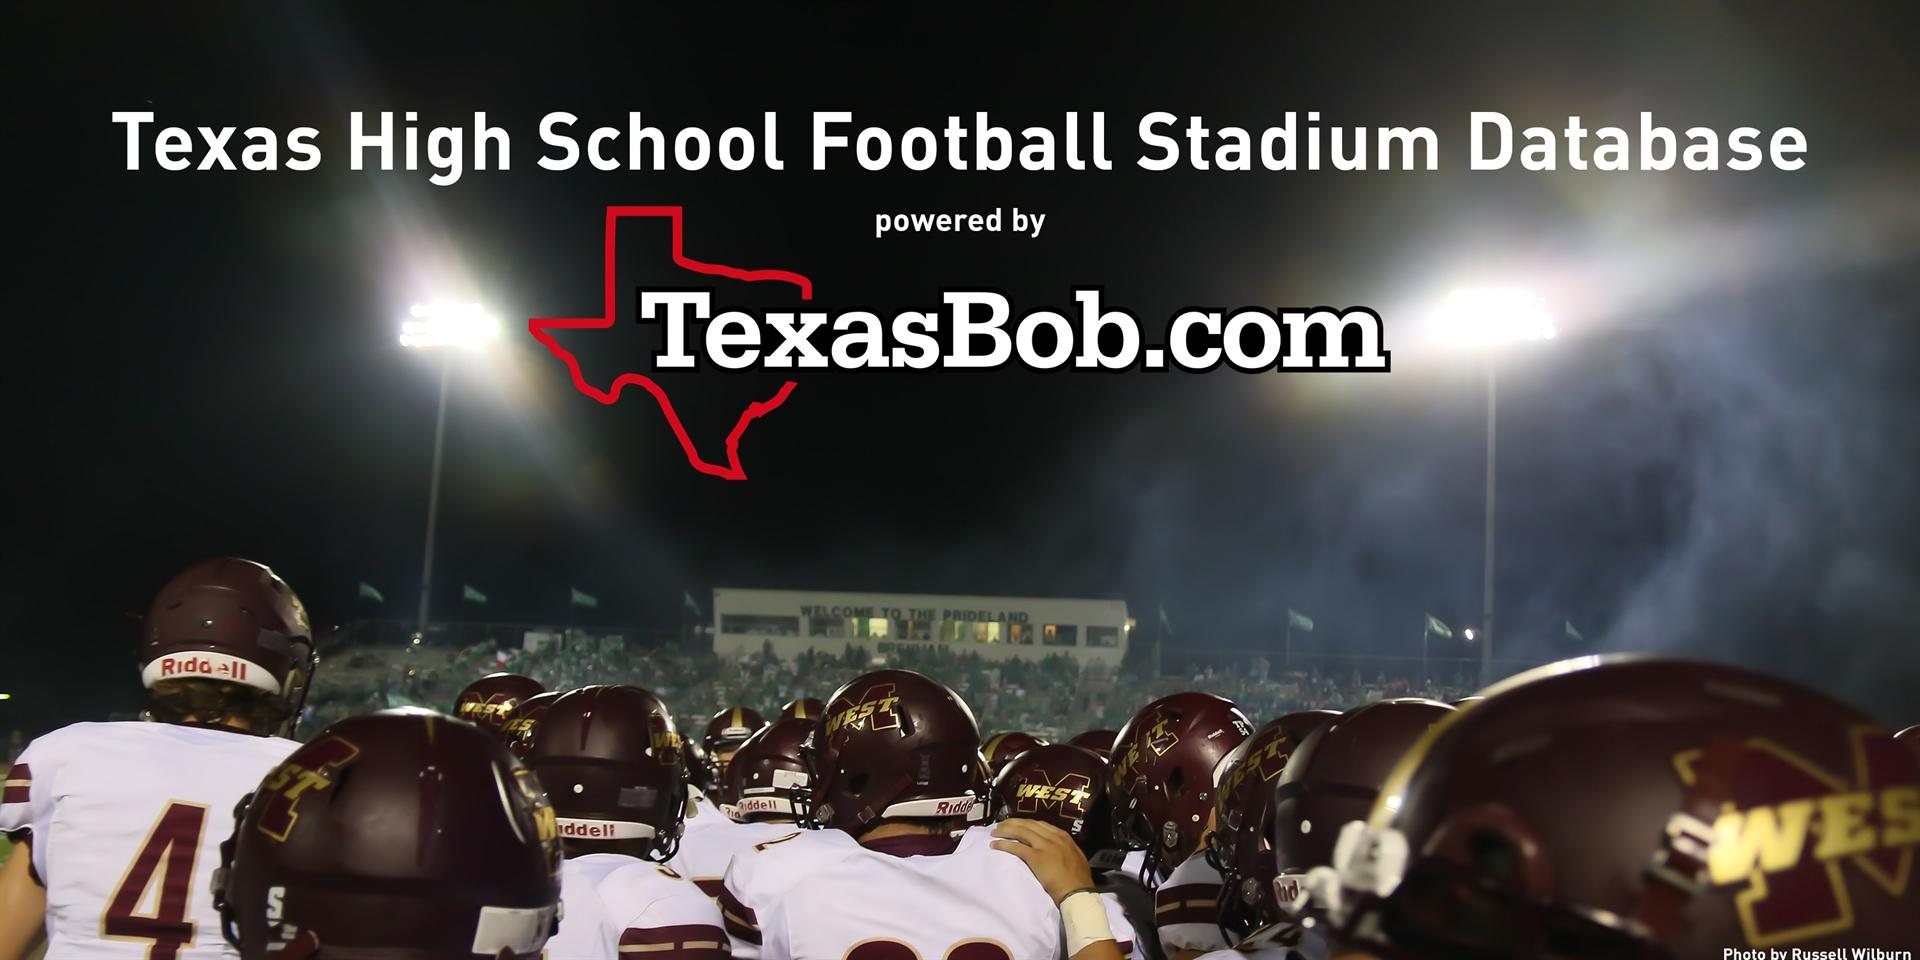 Texas High School Football Stadiums, Powered by TexasBob